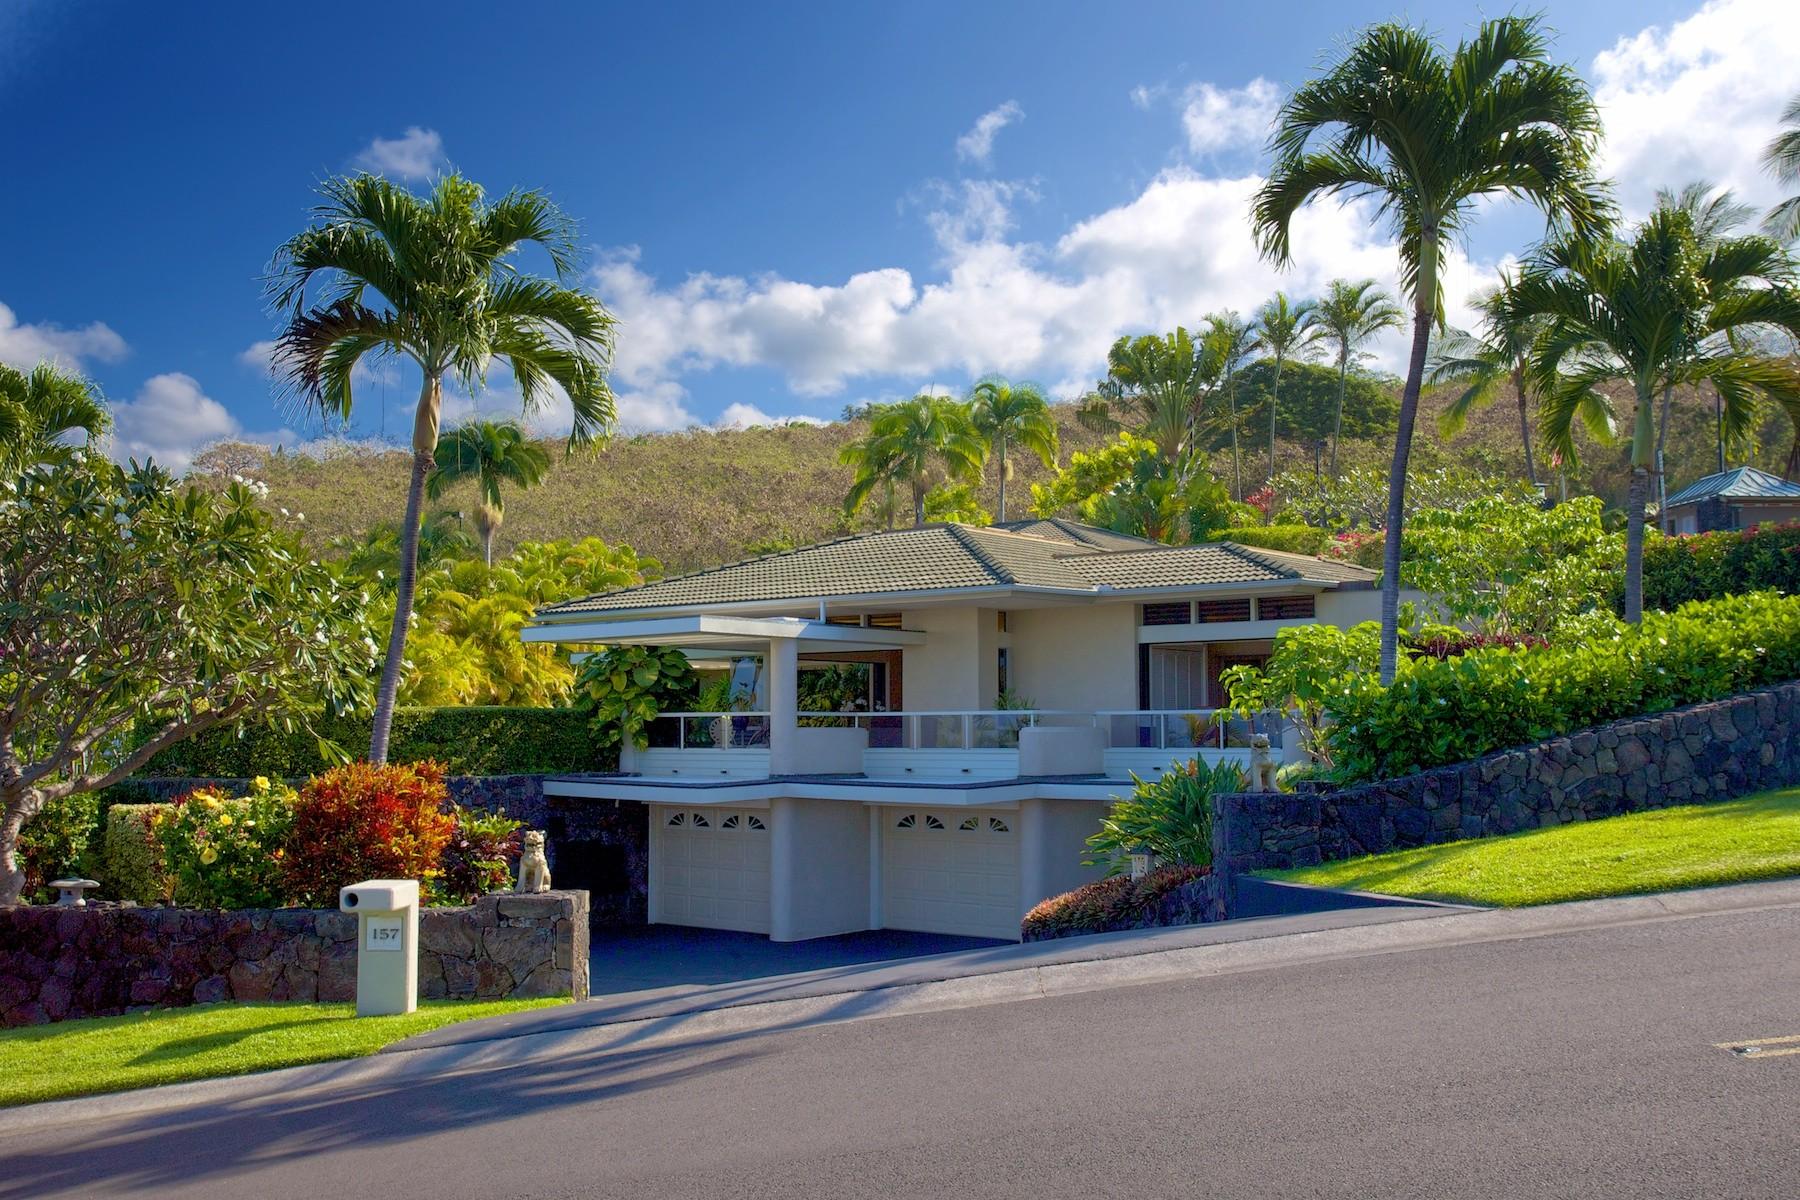 独户住宅 为 销售 在 Hale O Pua 78-6863 Kuhinanui St 纳市, 夏威夷, 96740 美国